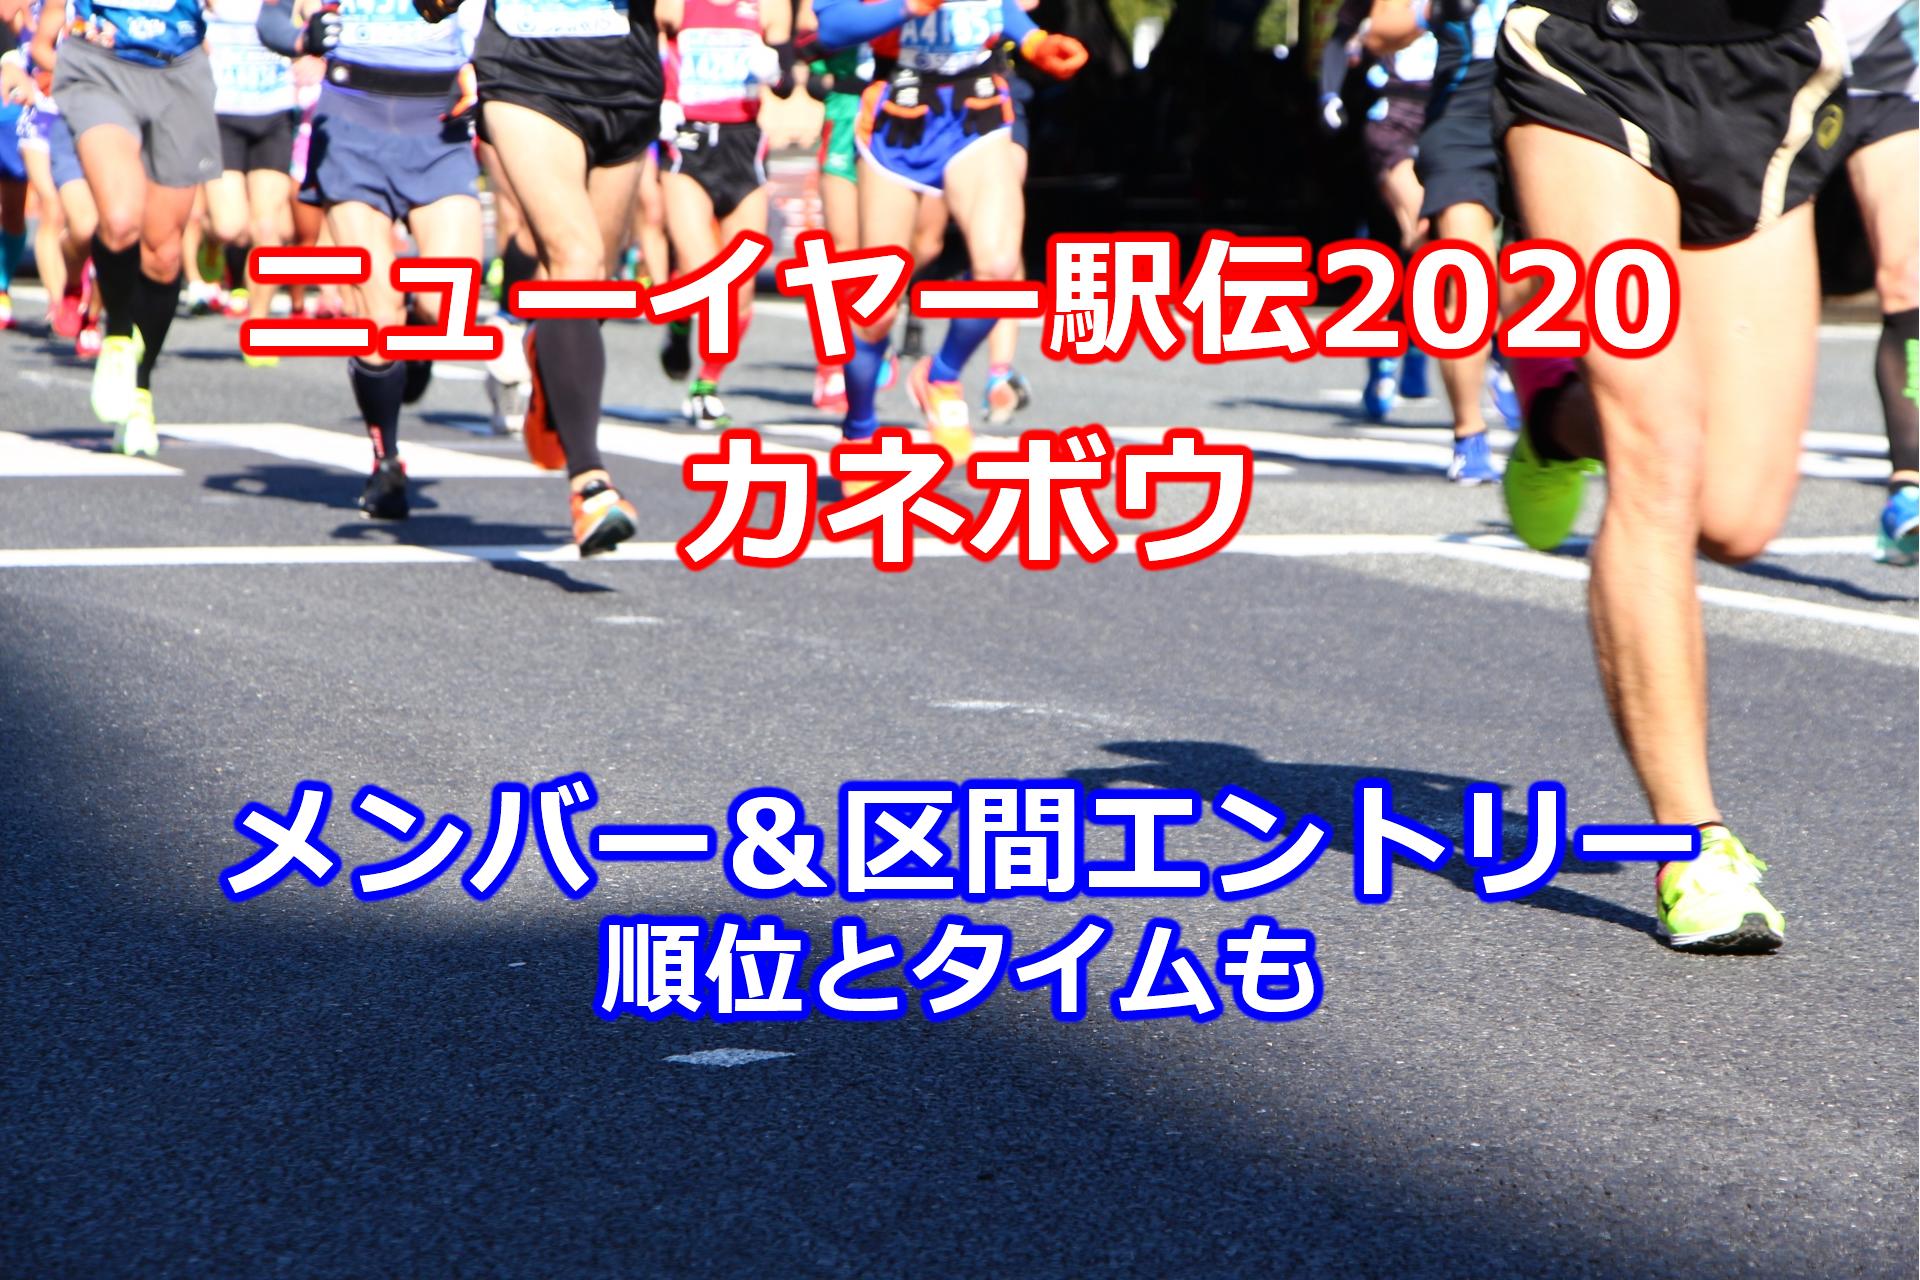 ニューイヤー駅伝2020カネボウメンバー・区間エントリー・結果・順位・タイムまとめ